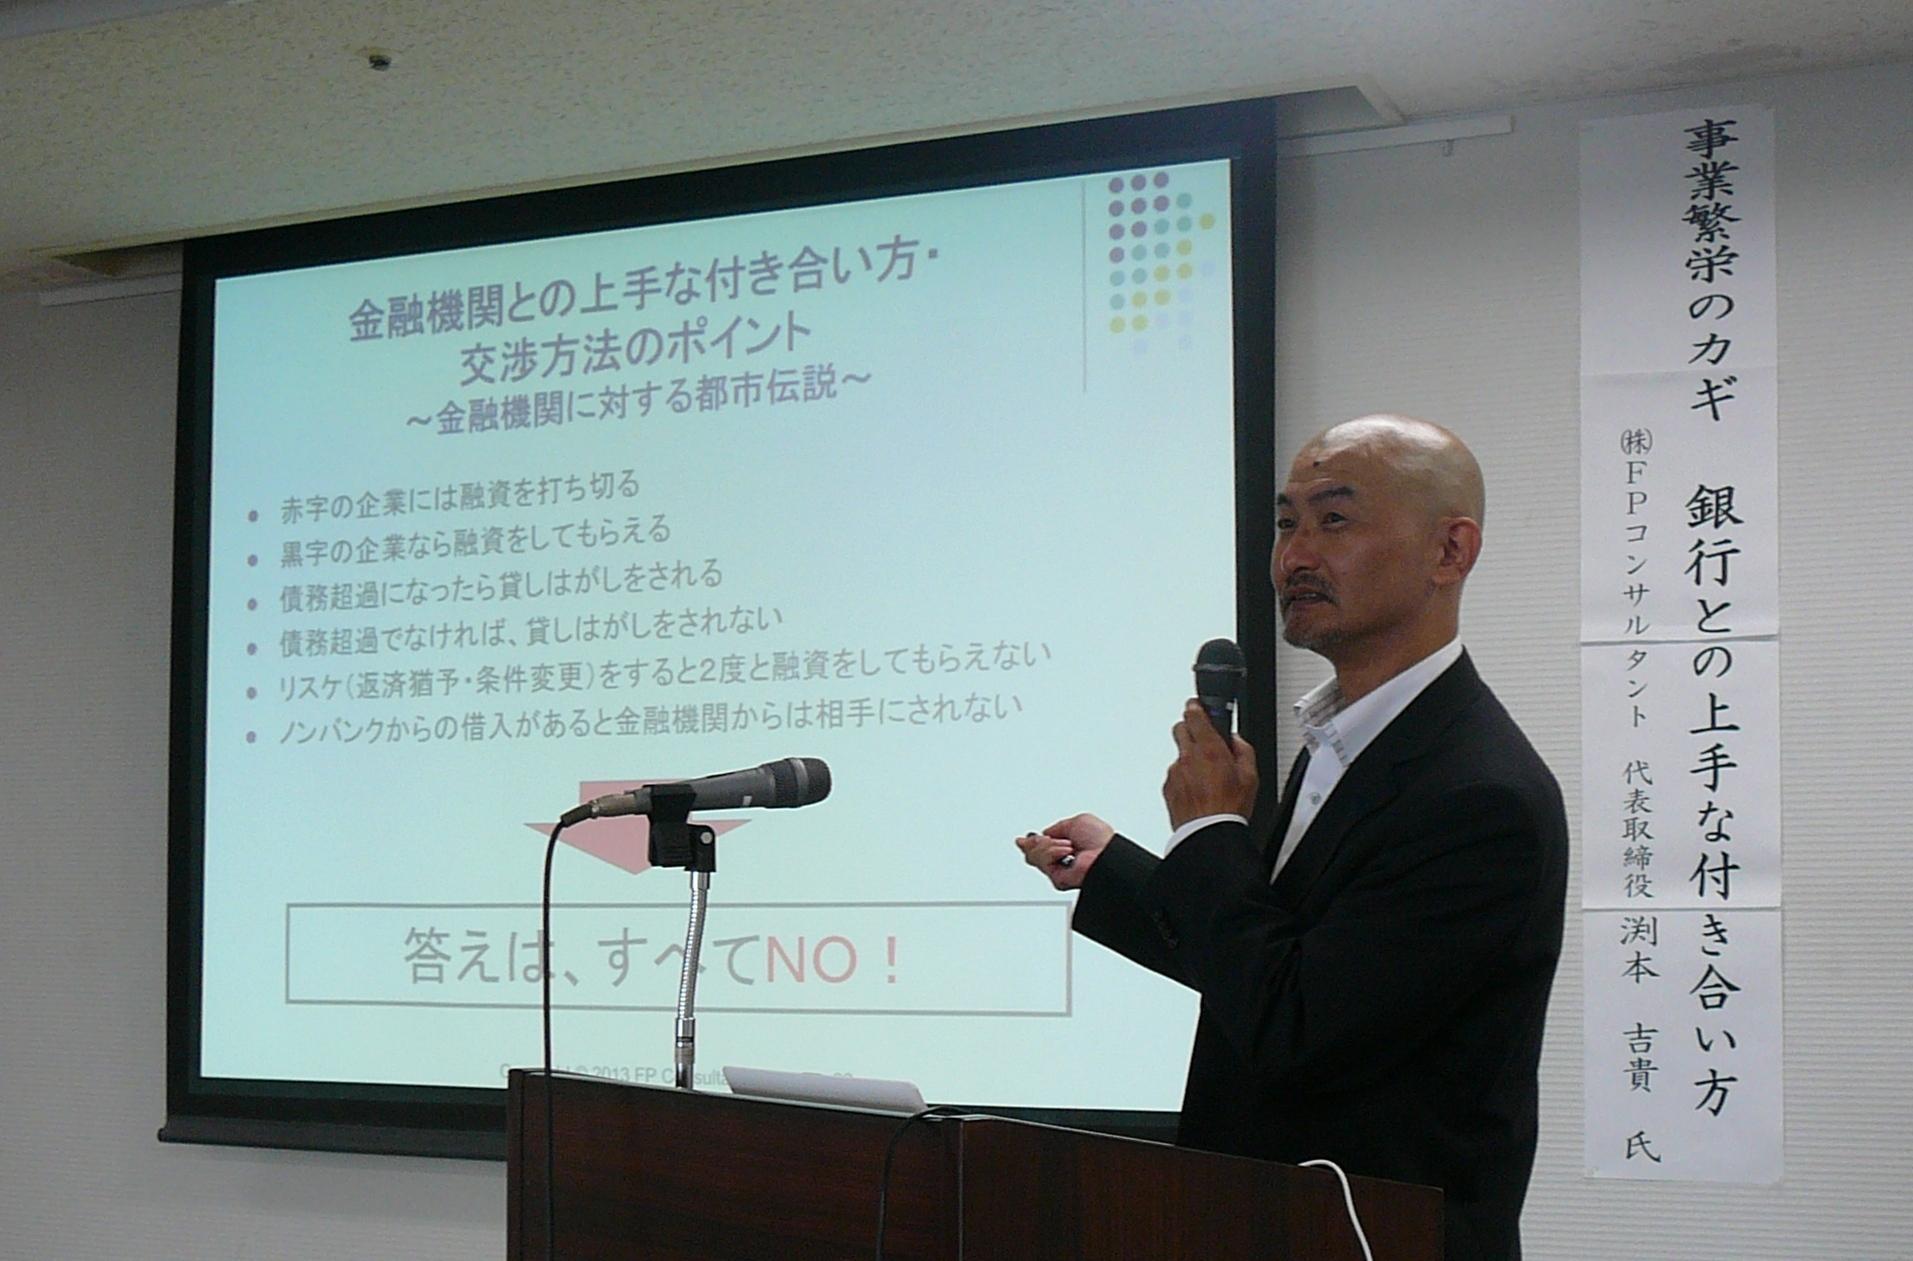 鹿児島商工会議所の金融対策セミナーにて講師